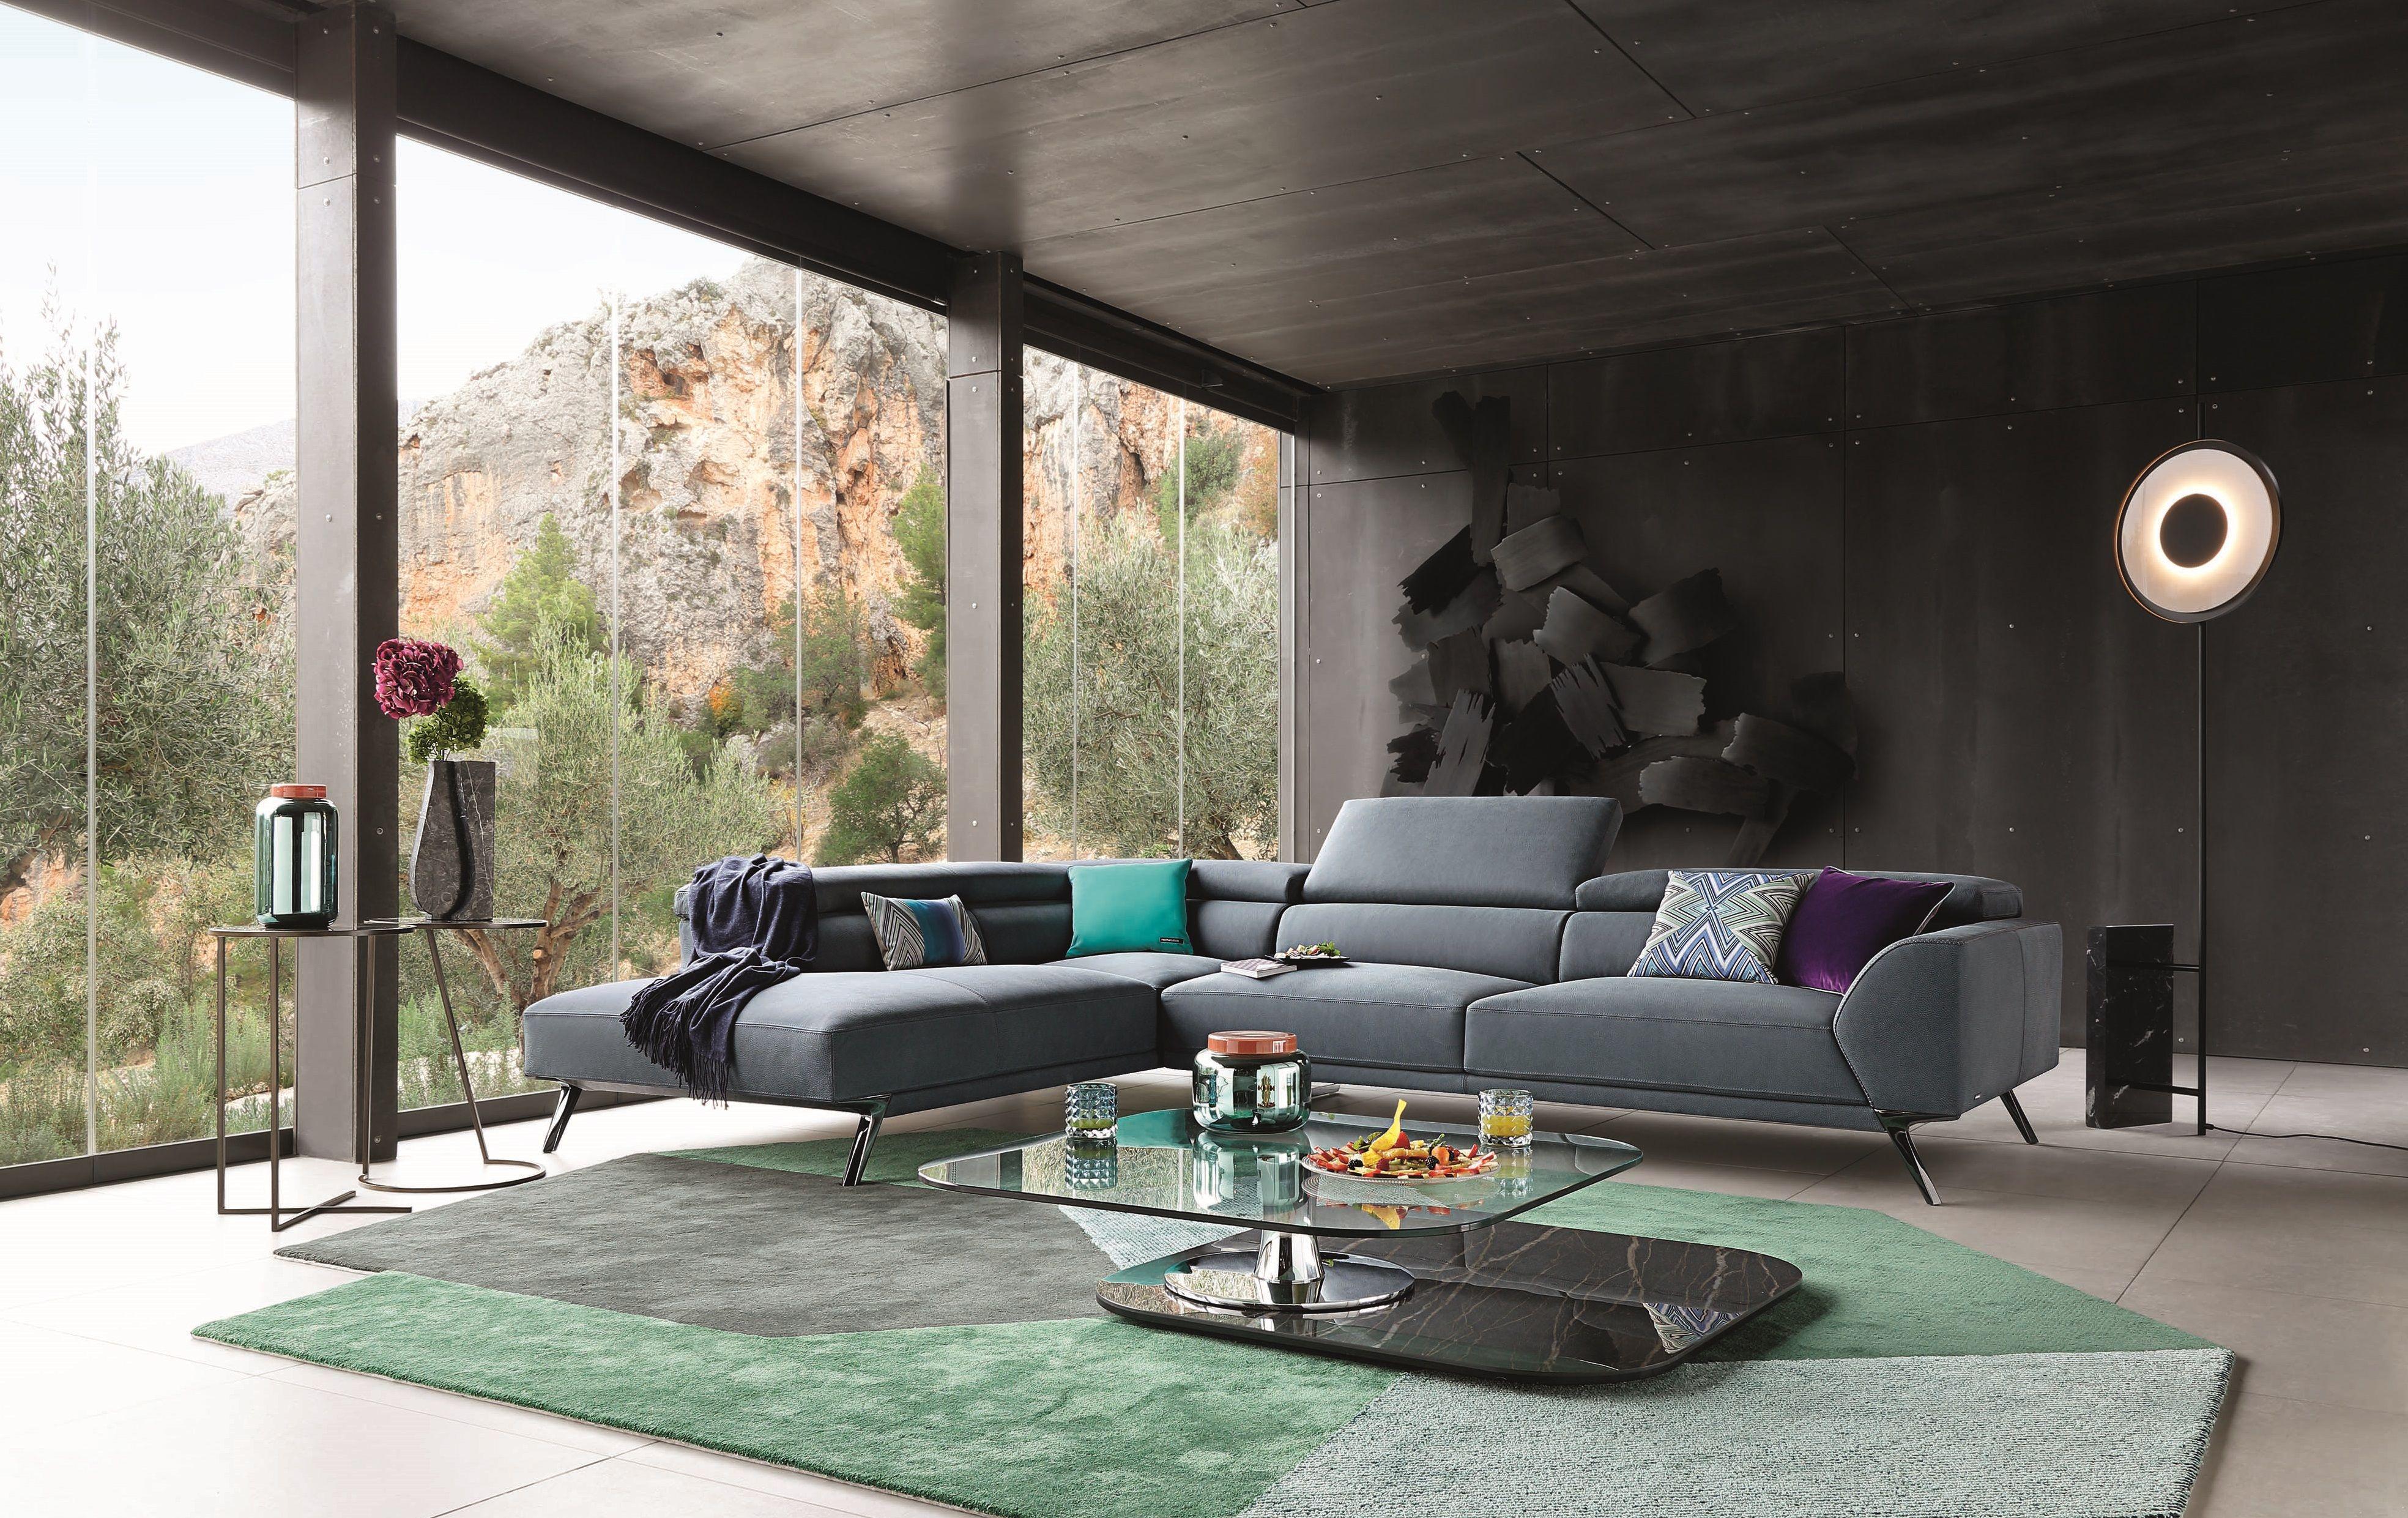 Roche Bobois Prefixe Sofa Designed By Sacha Lakic Furniture Design Furniture Sofa Bed